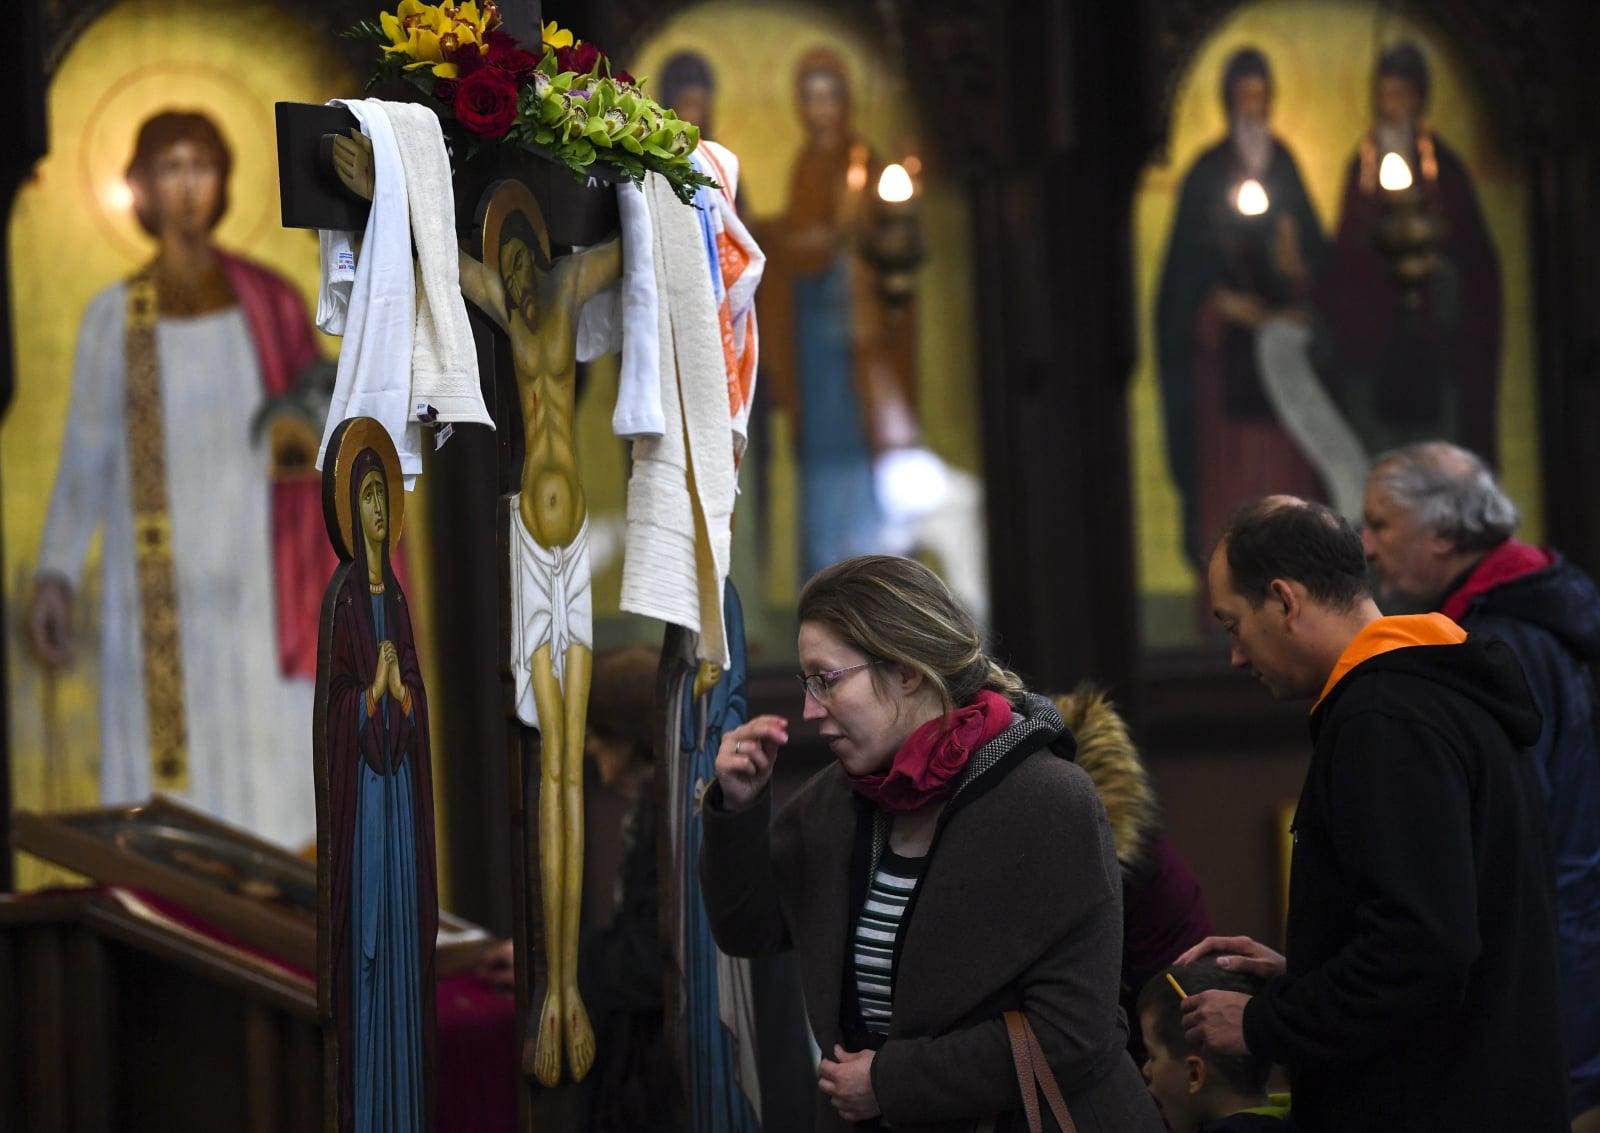 Wielki Piątek w Kościołach Wschodnich   EPA/GEORGI LICOVSKI